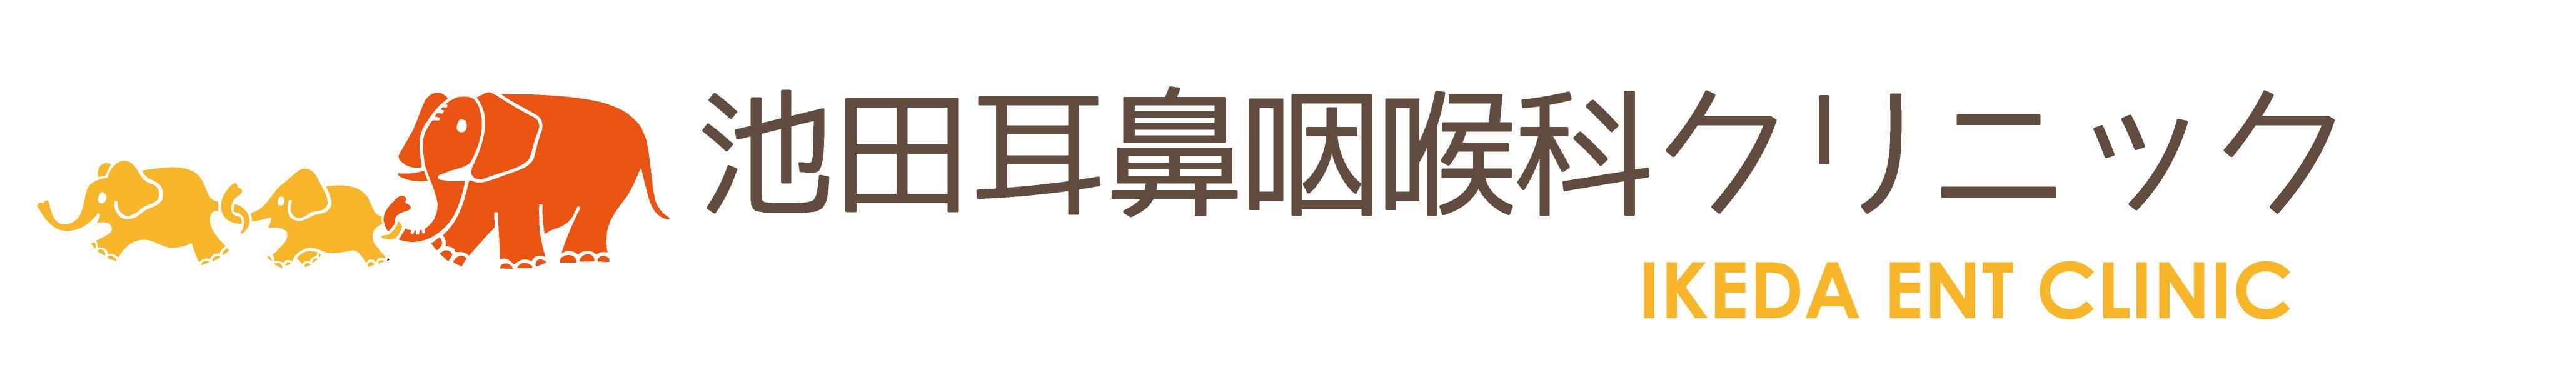 池田耳鼻咽喉科クリニック